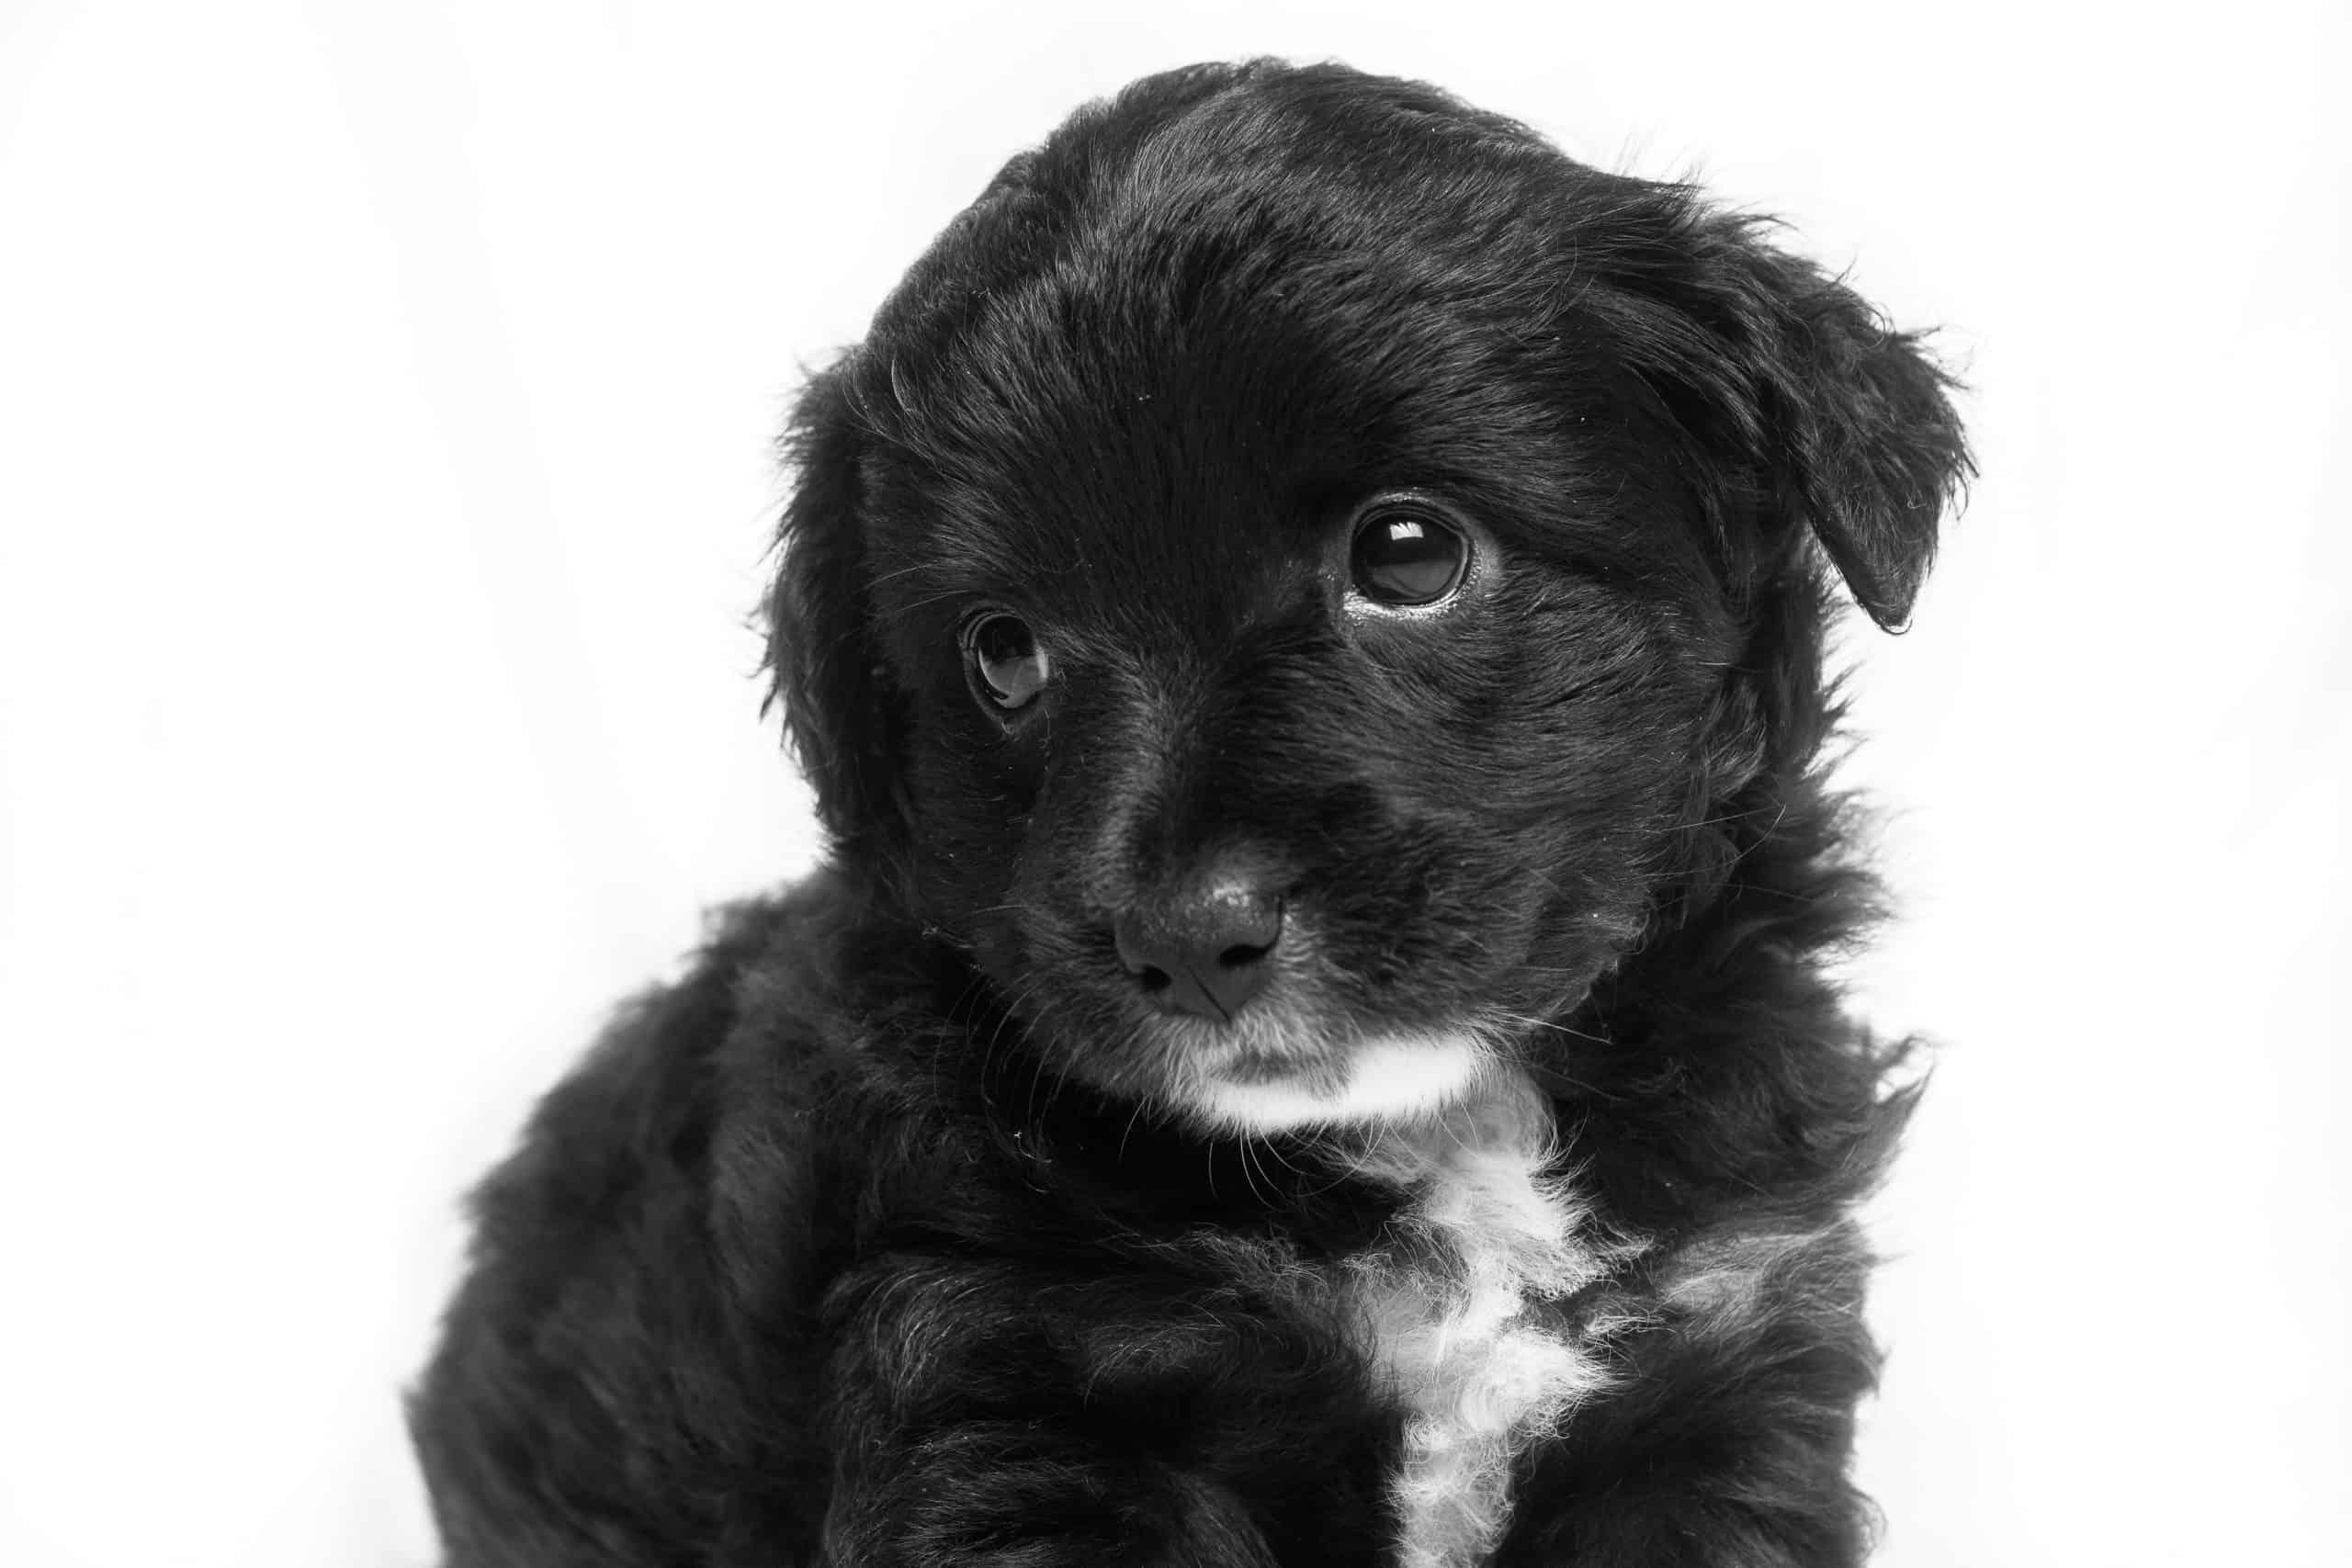 How to Prepare New Puppy Checklist for Hunt Season